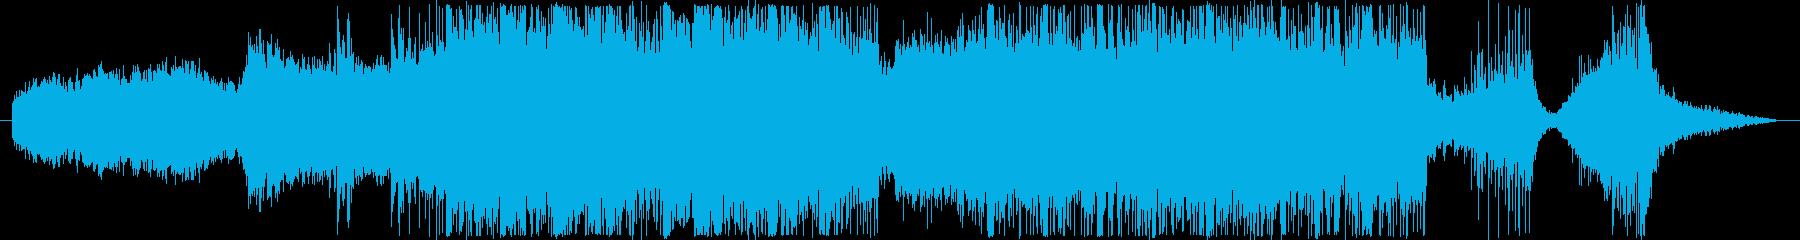 戦国和風 民族ショートトレーラー声入り版の再生済みの波形